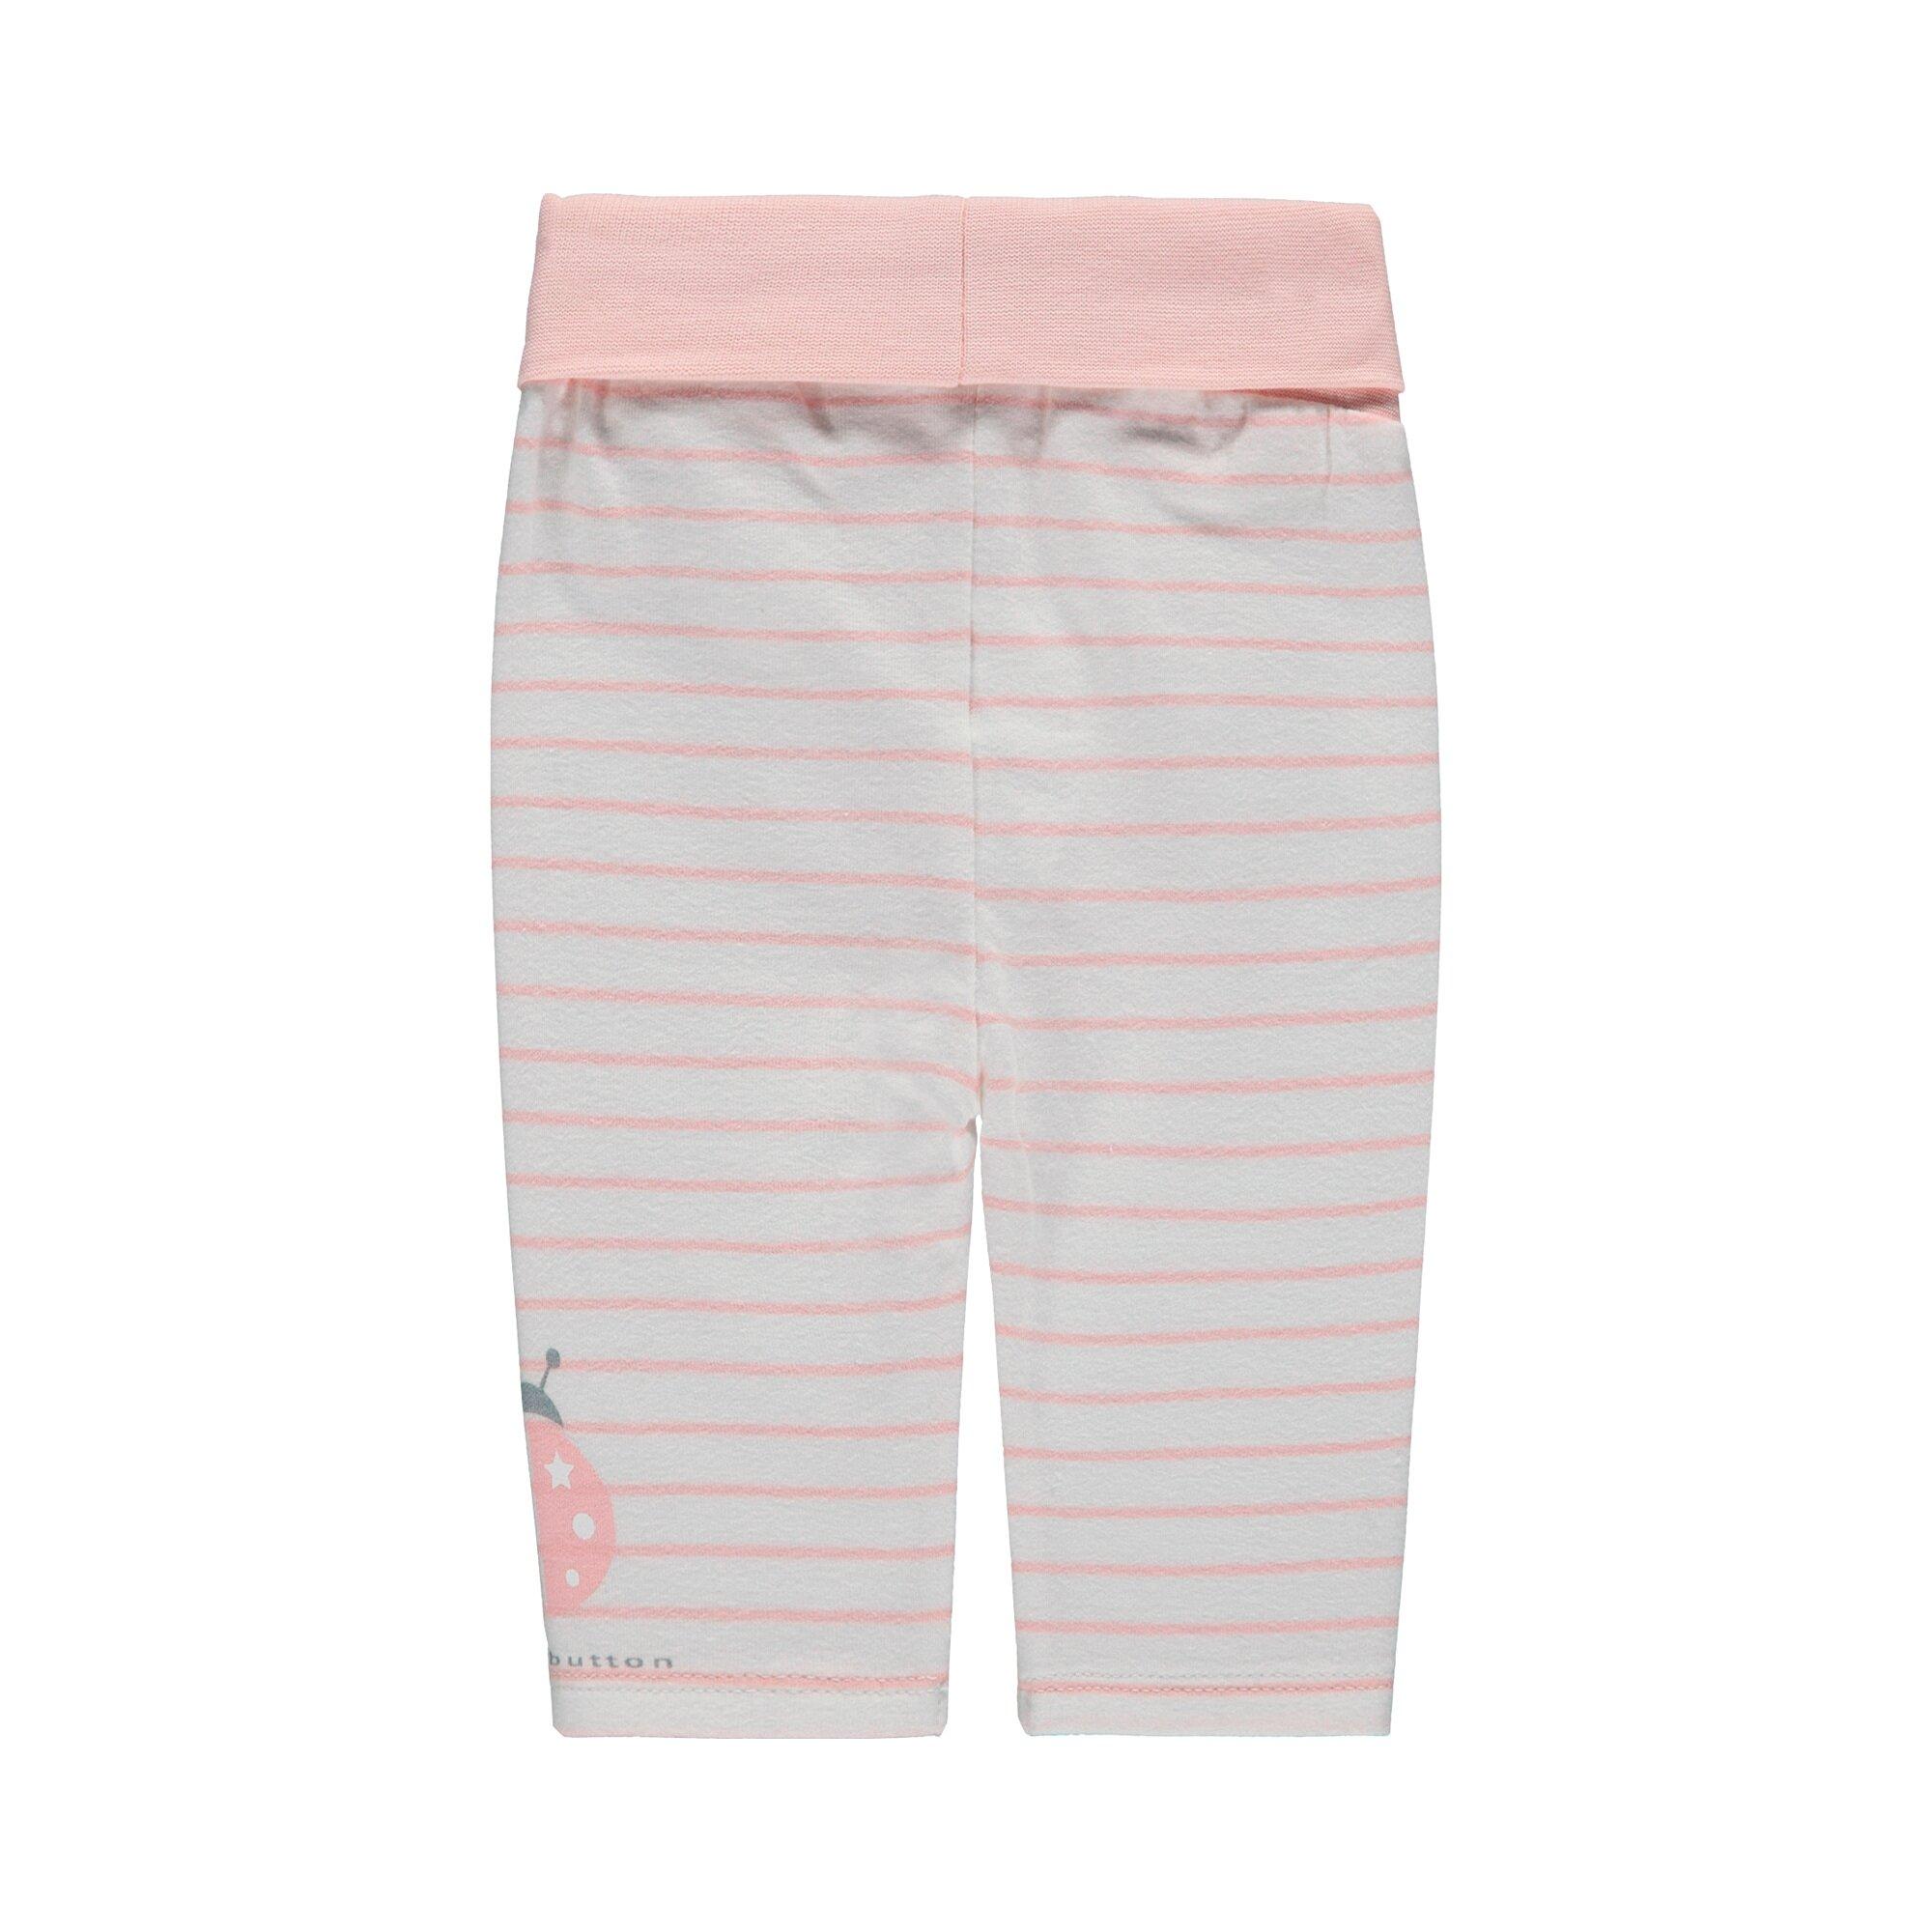 bellybutton-leggings-ringel-marienkafer